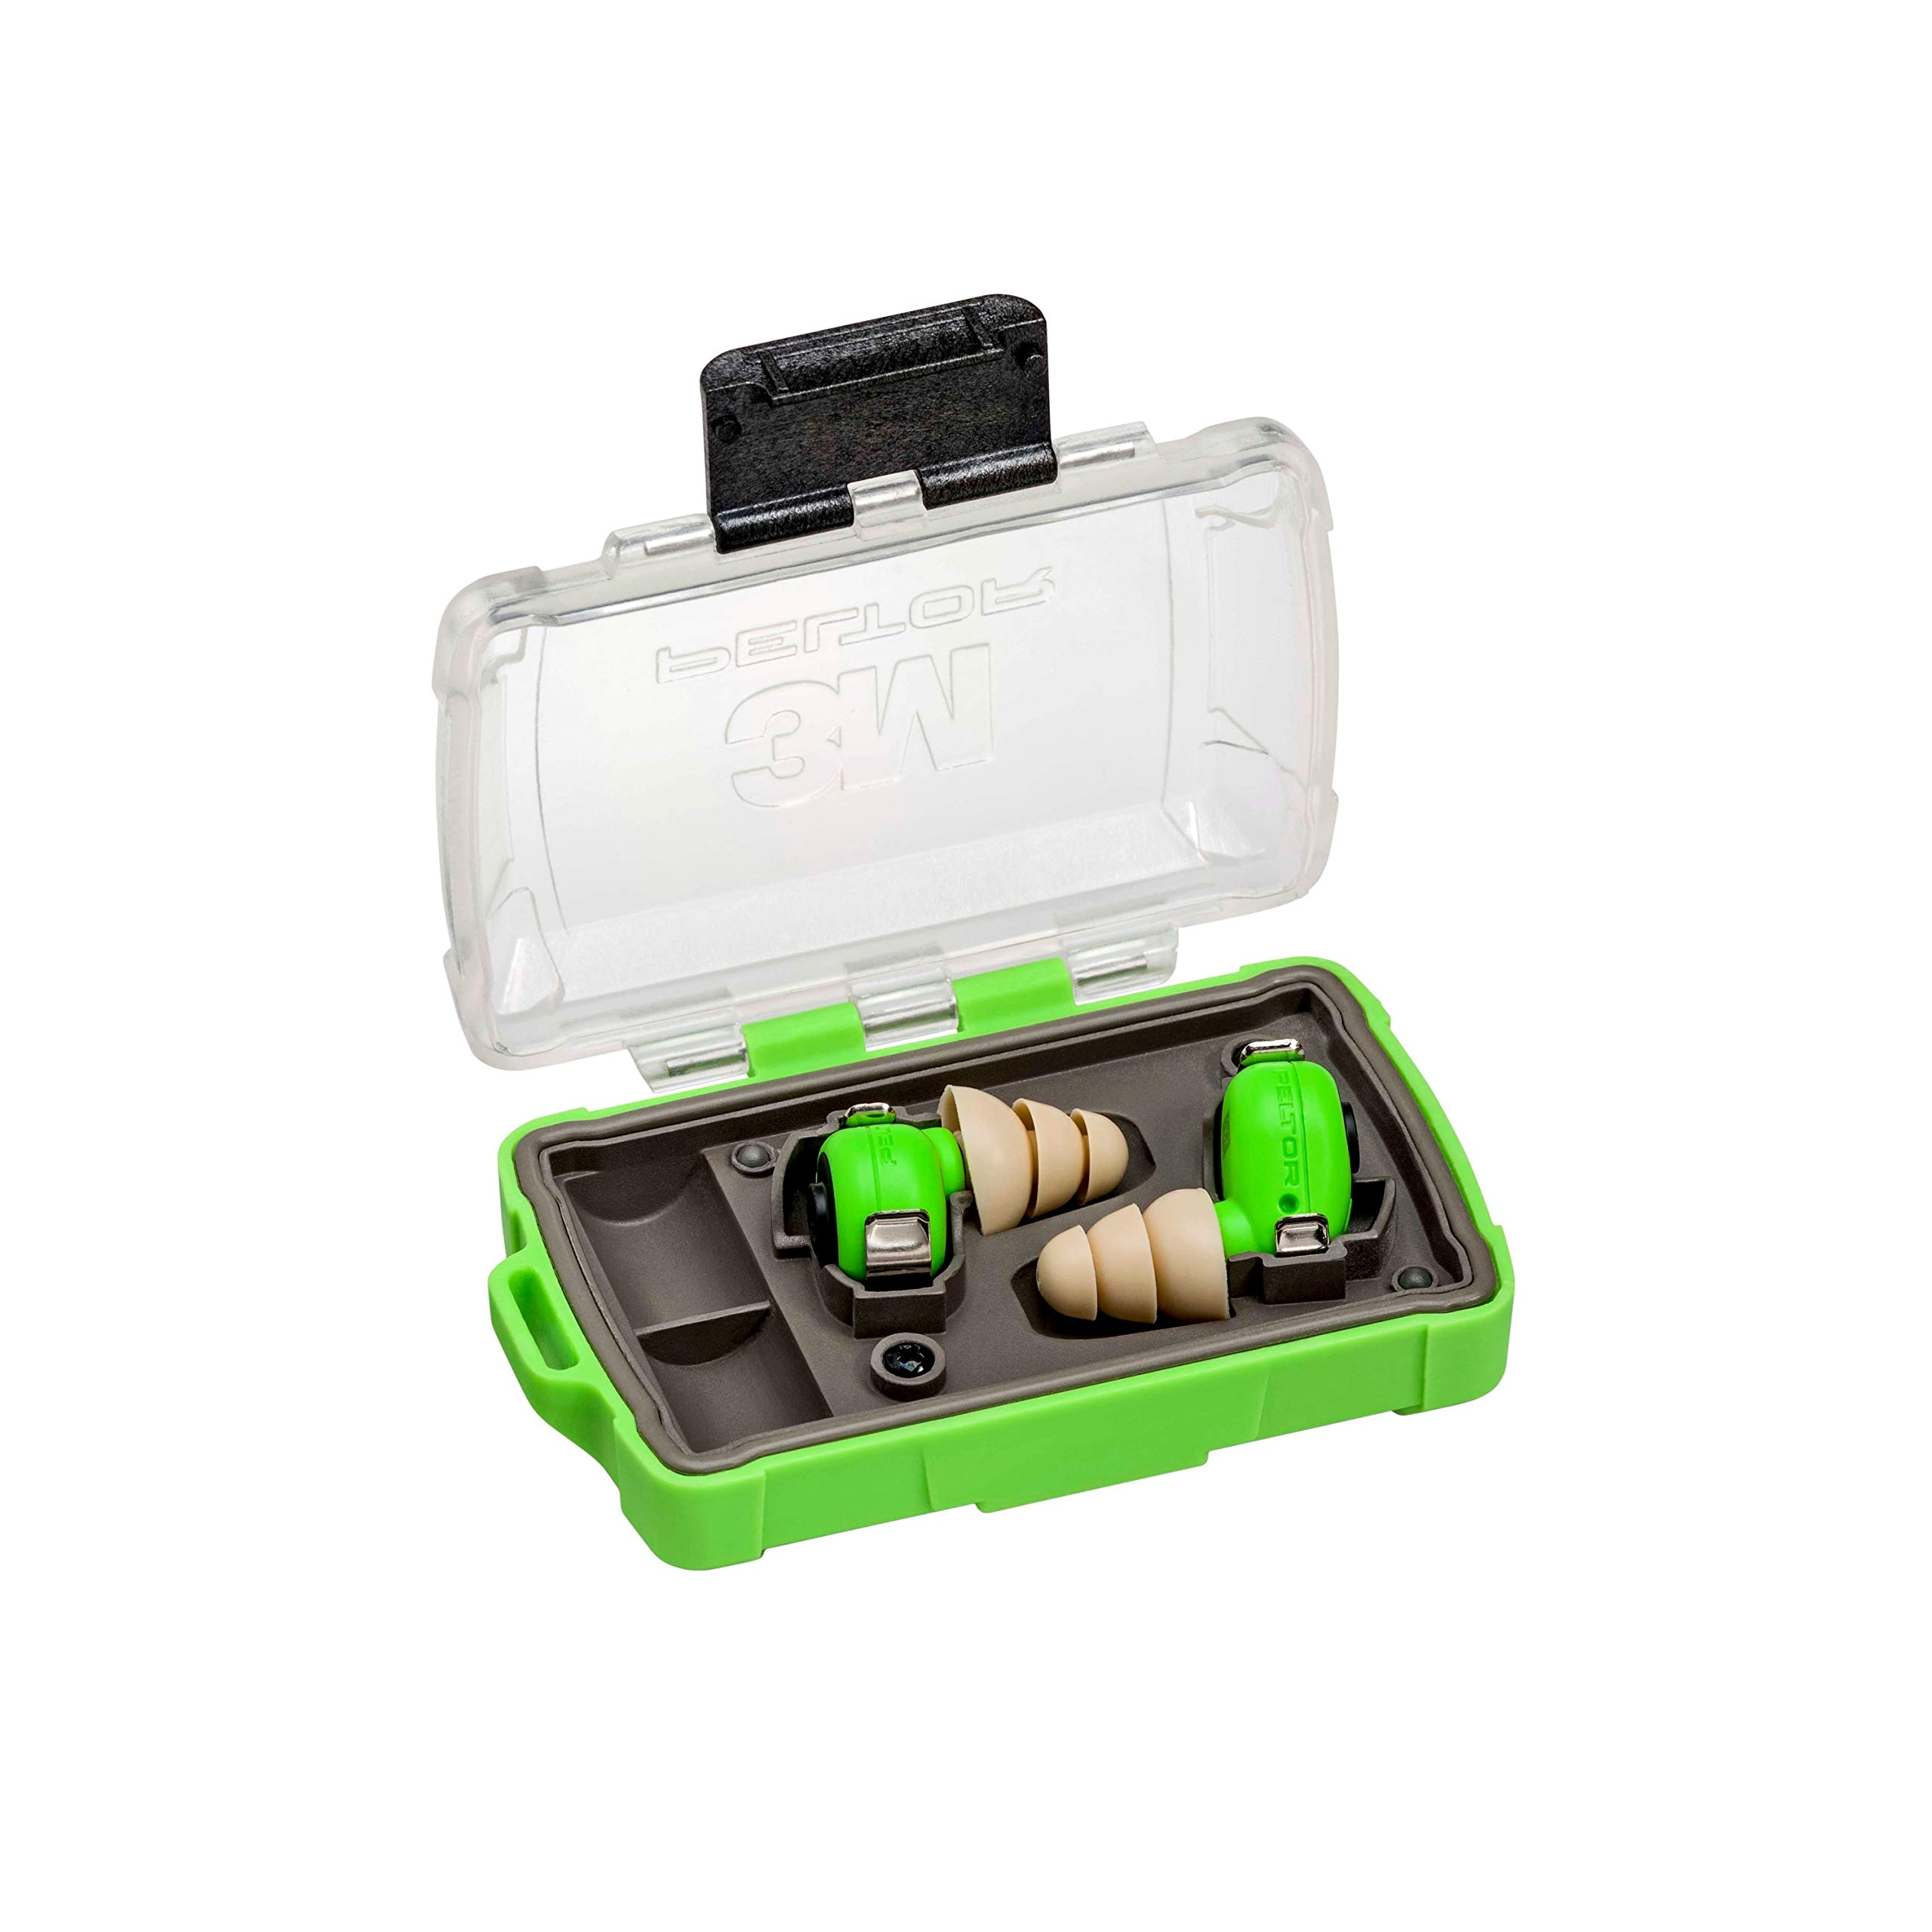 3M PELTOR Electronic Earplug, EEP-100 by 3M (Image #3)